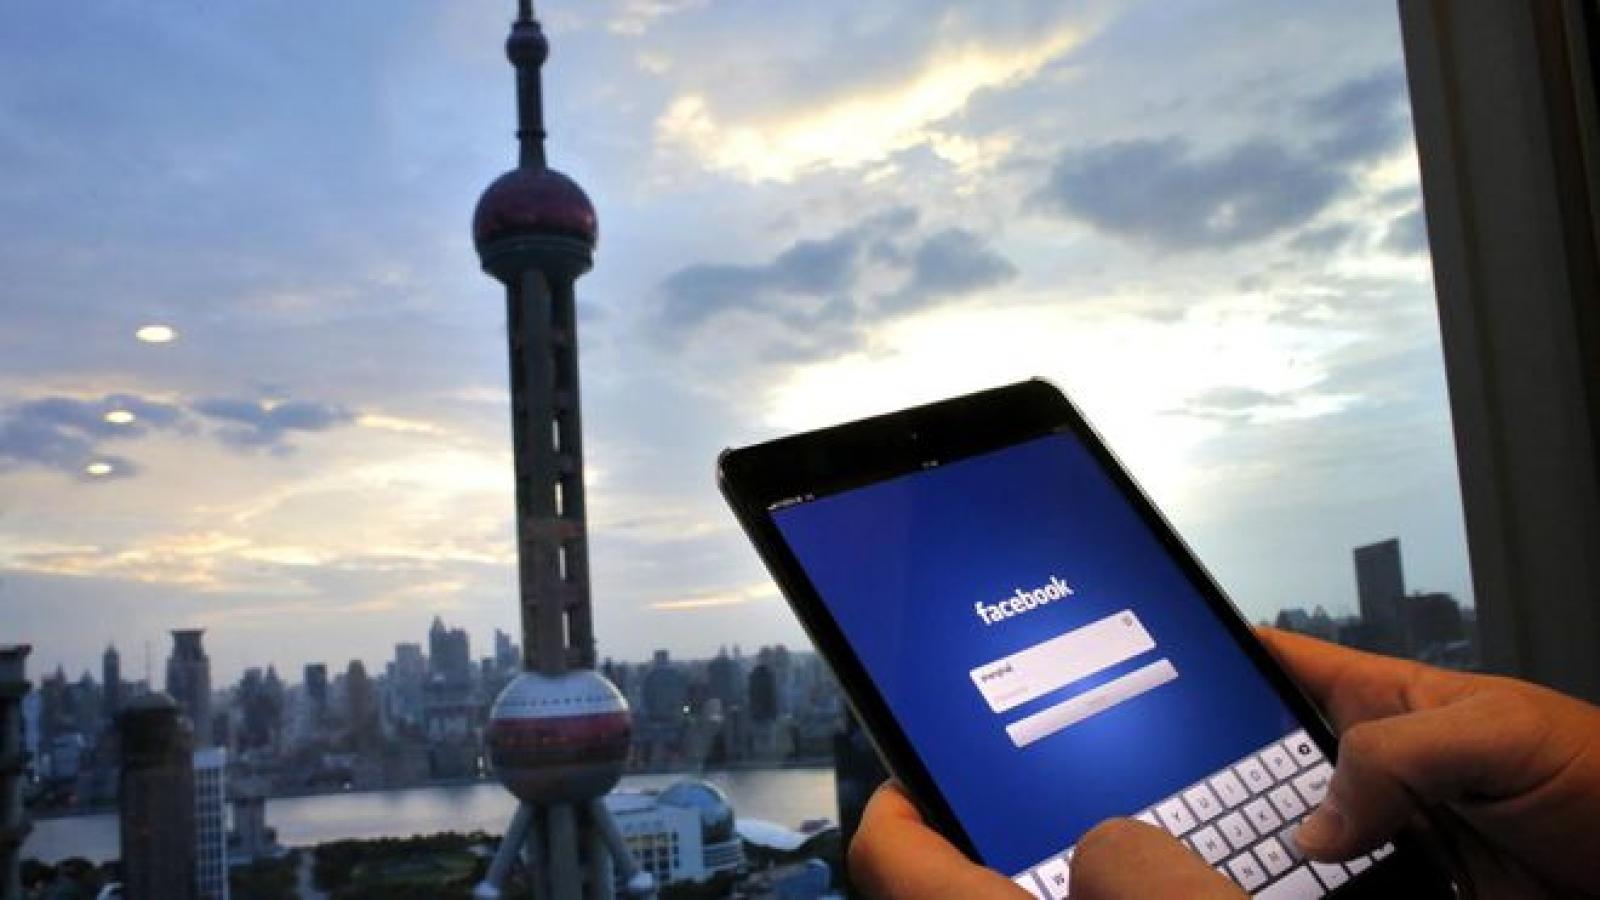 Cư dân mạng Trung Quốc: Bắc Kinh đã đúng khi chặn Facebook